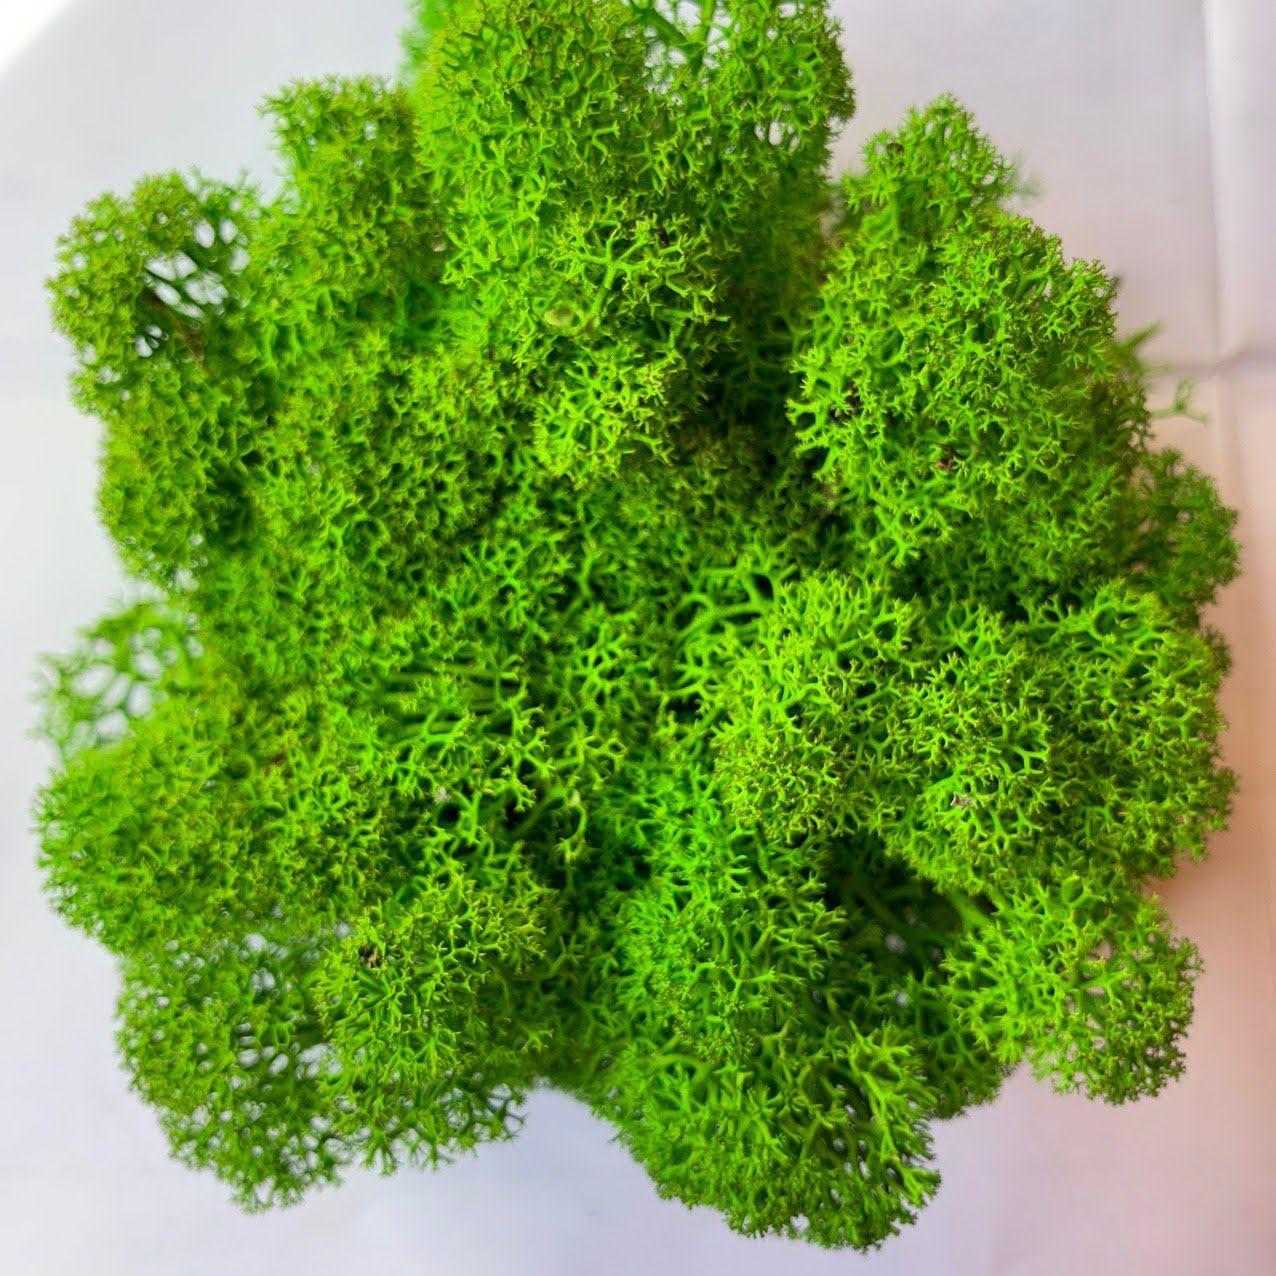 Очищений стабилизированный мох Green Ecco Moss cкандинавский мох ягель Light Green  0.5 кг